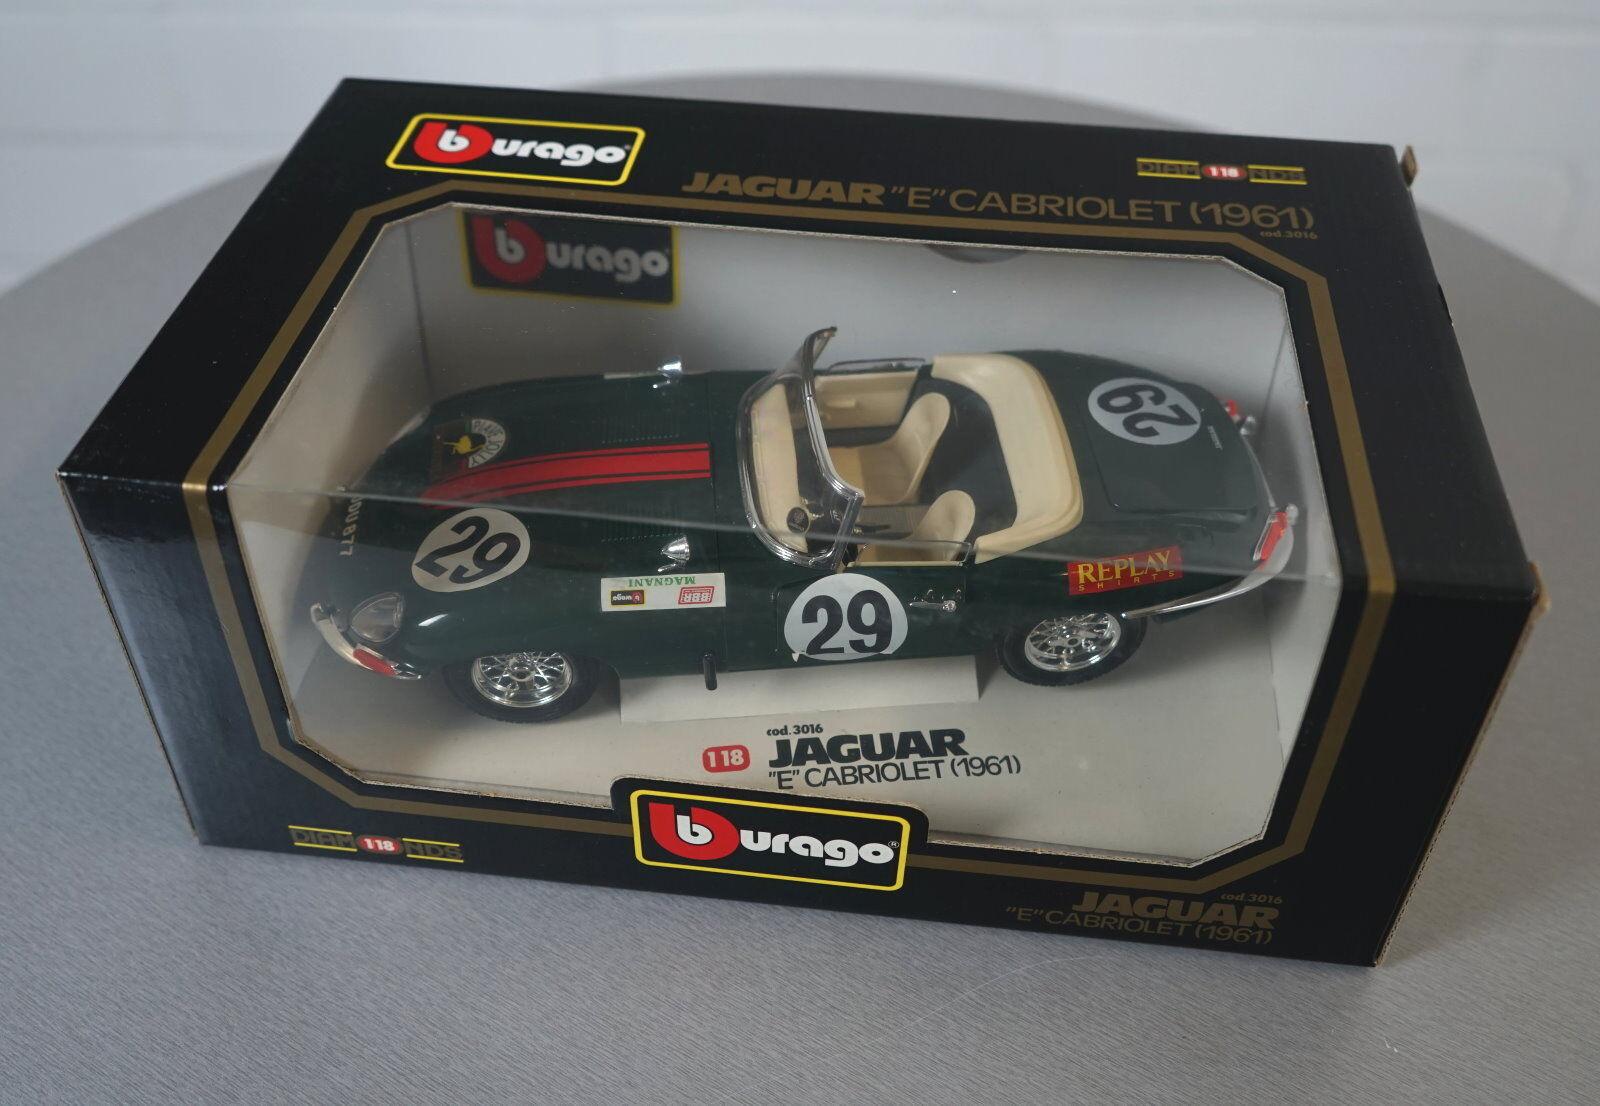 Burago 1 18 Jaguar E Cabriolet (1961) green - 3016 3016 3016 - Die-Cast Modell Auto NEU OVP c17886